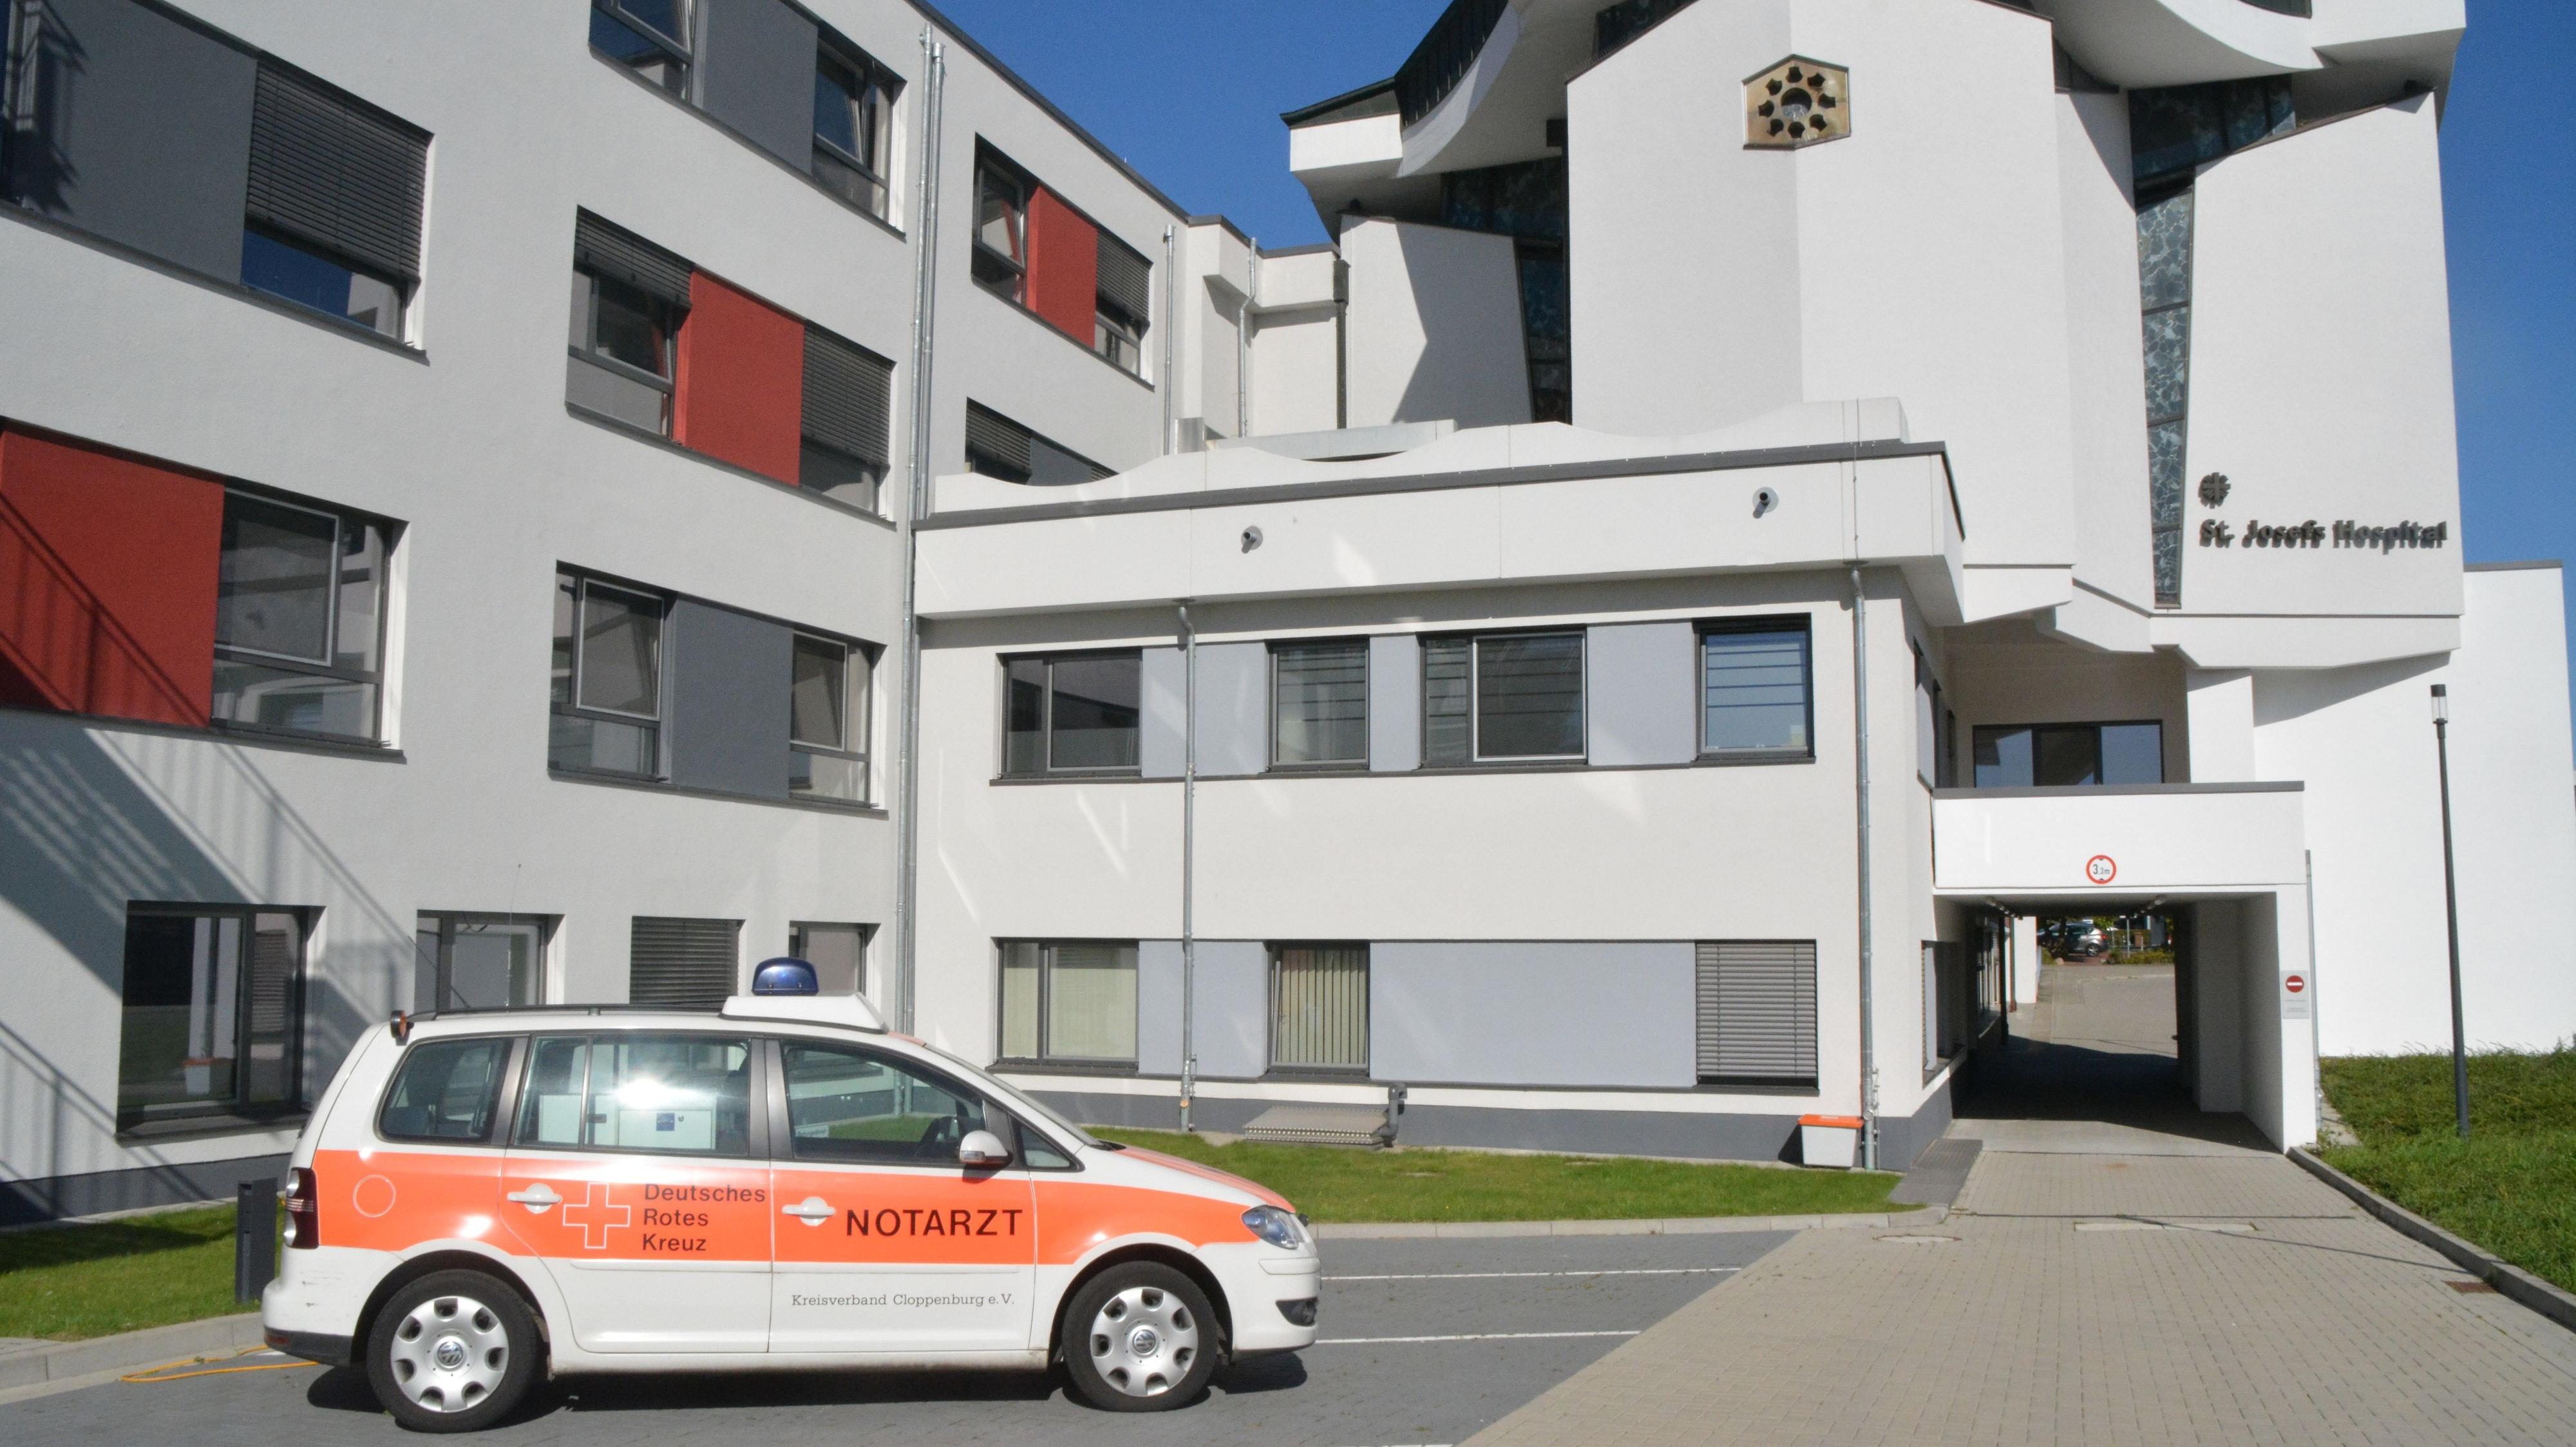 Risikolage minimieren: Das St. Josefs-Hospital in Cloppenburg sowie die beiden Kliniken in Löningen und Friesoythe erhalten eine Fristverlängerung für die Ausfallbürgschaft vom Landkreis Cloppenburg. Foto: Archiv